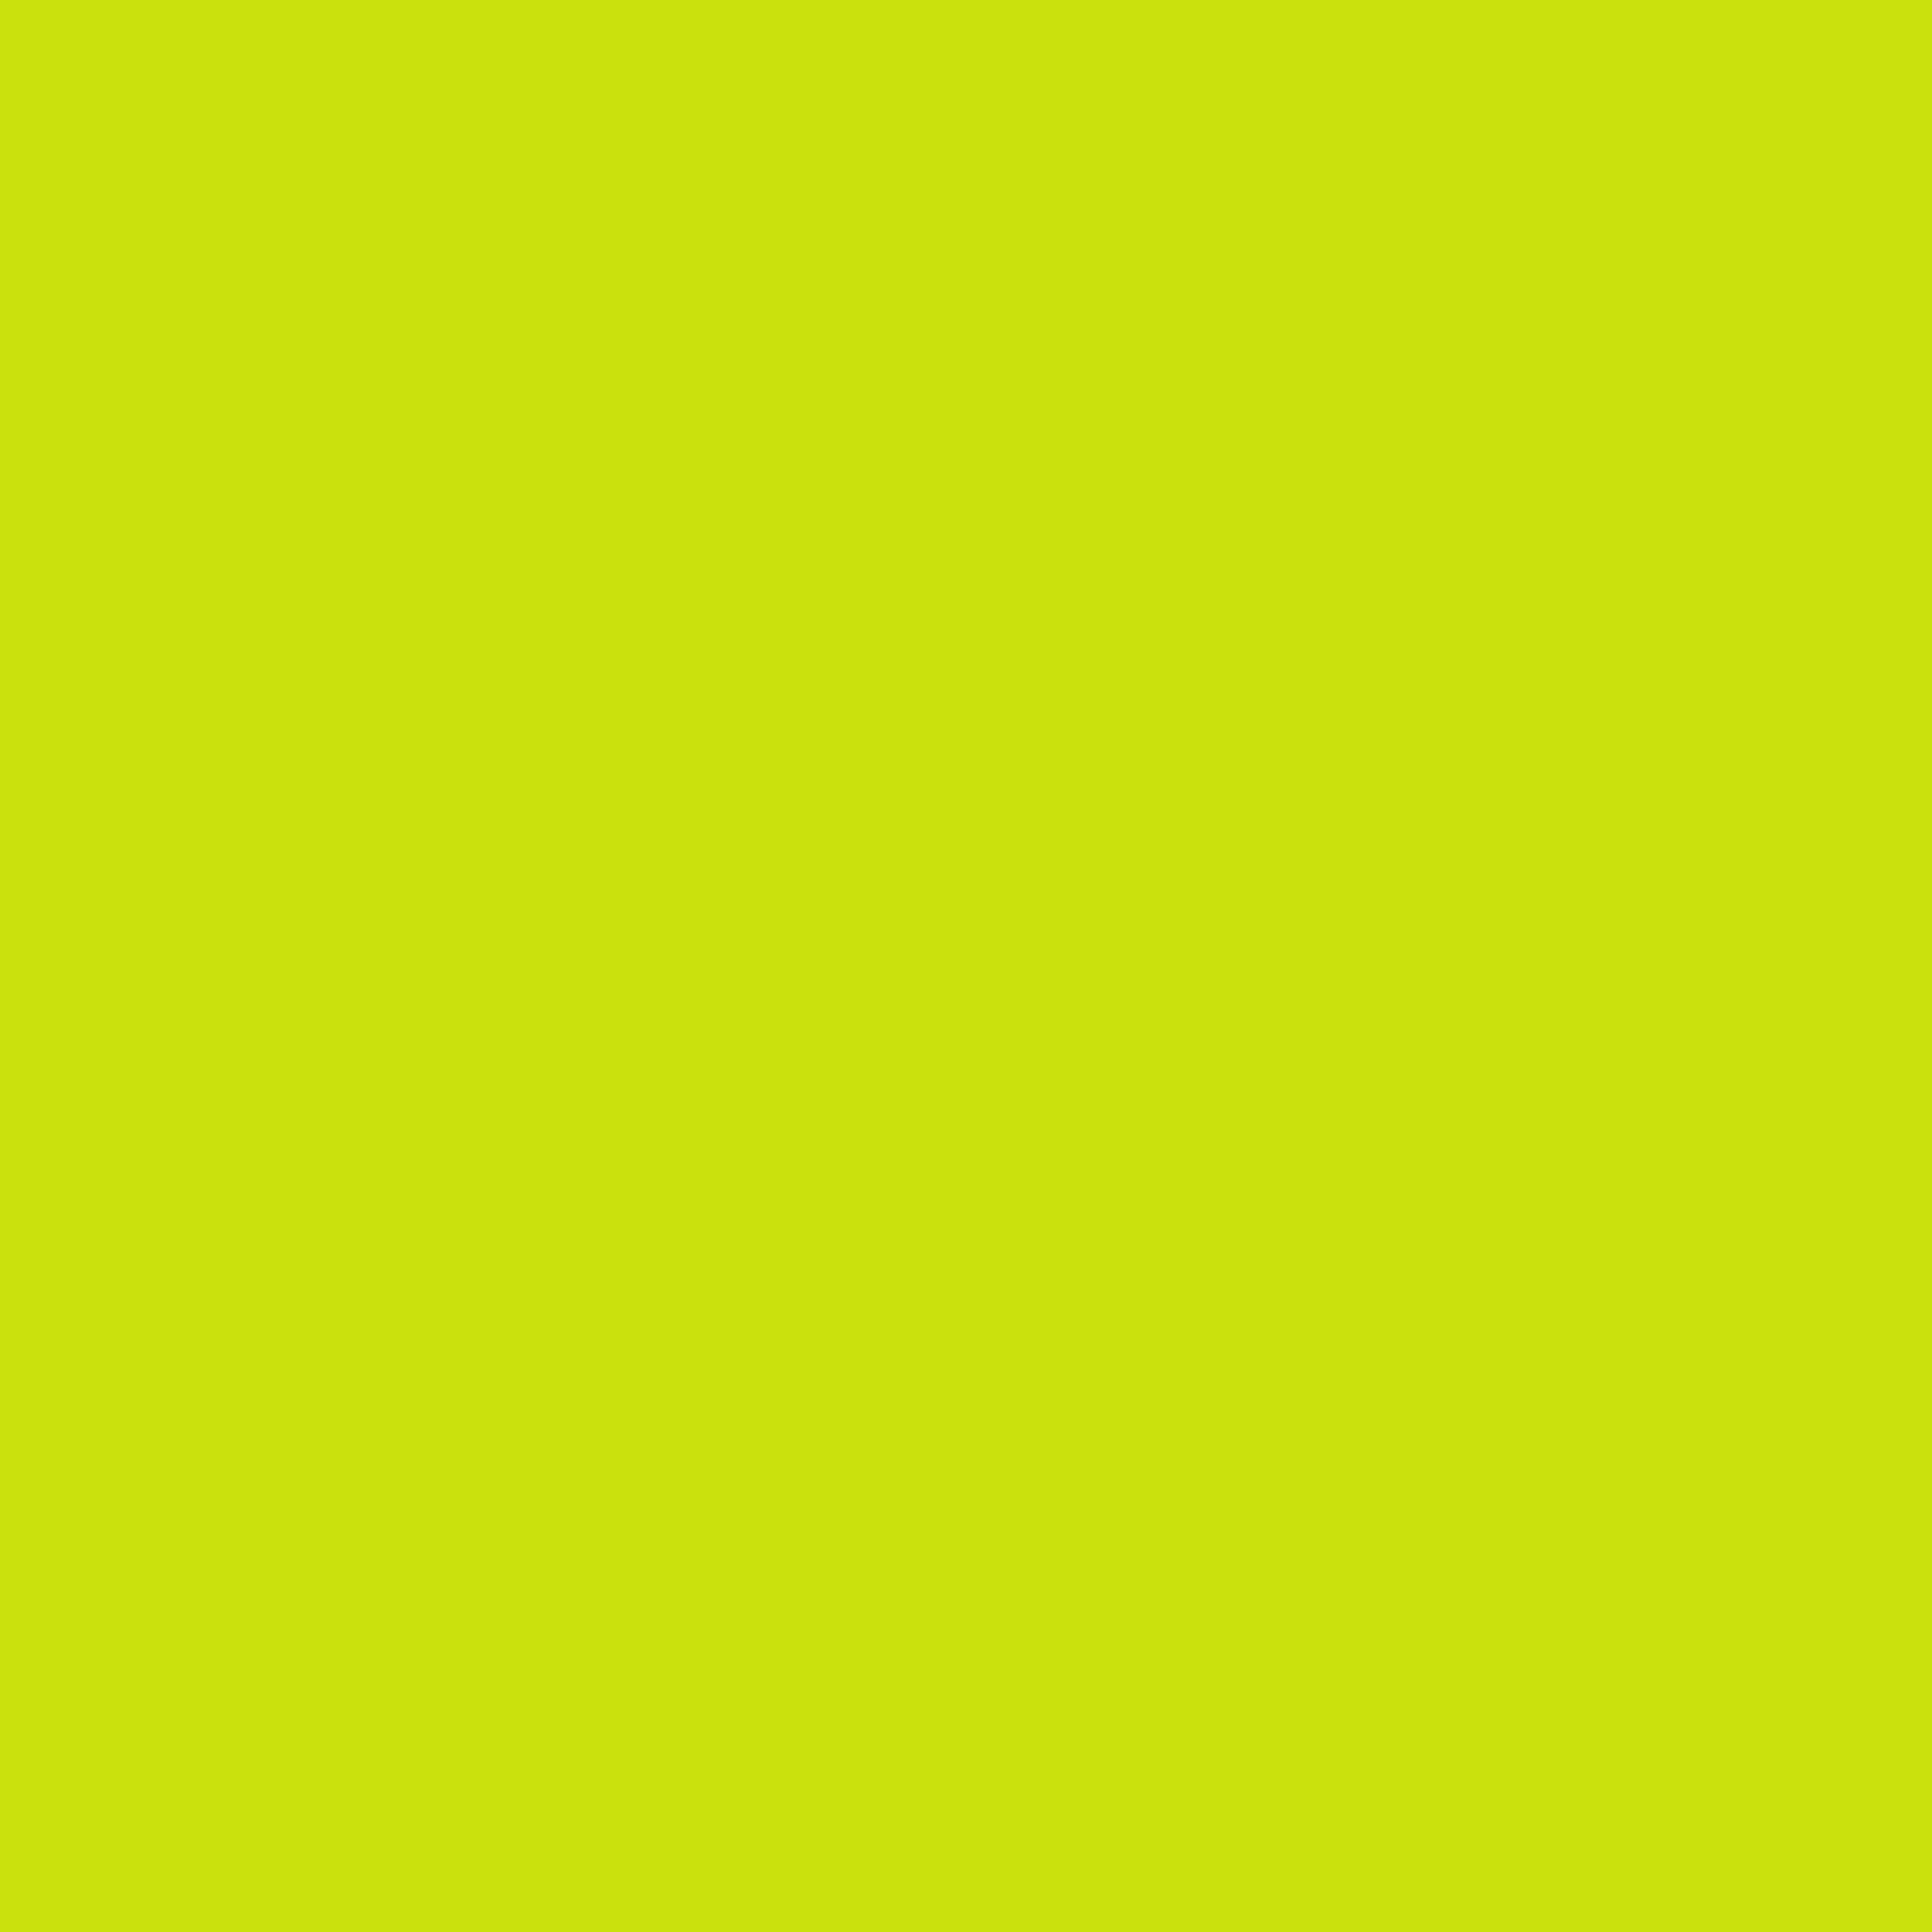 3600x3600 Bitter Lemon Solid Color Background